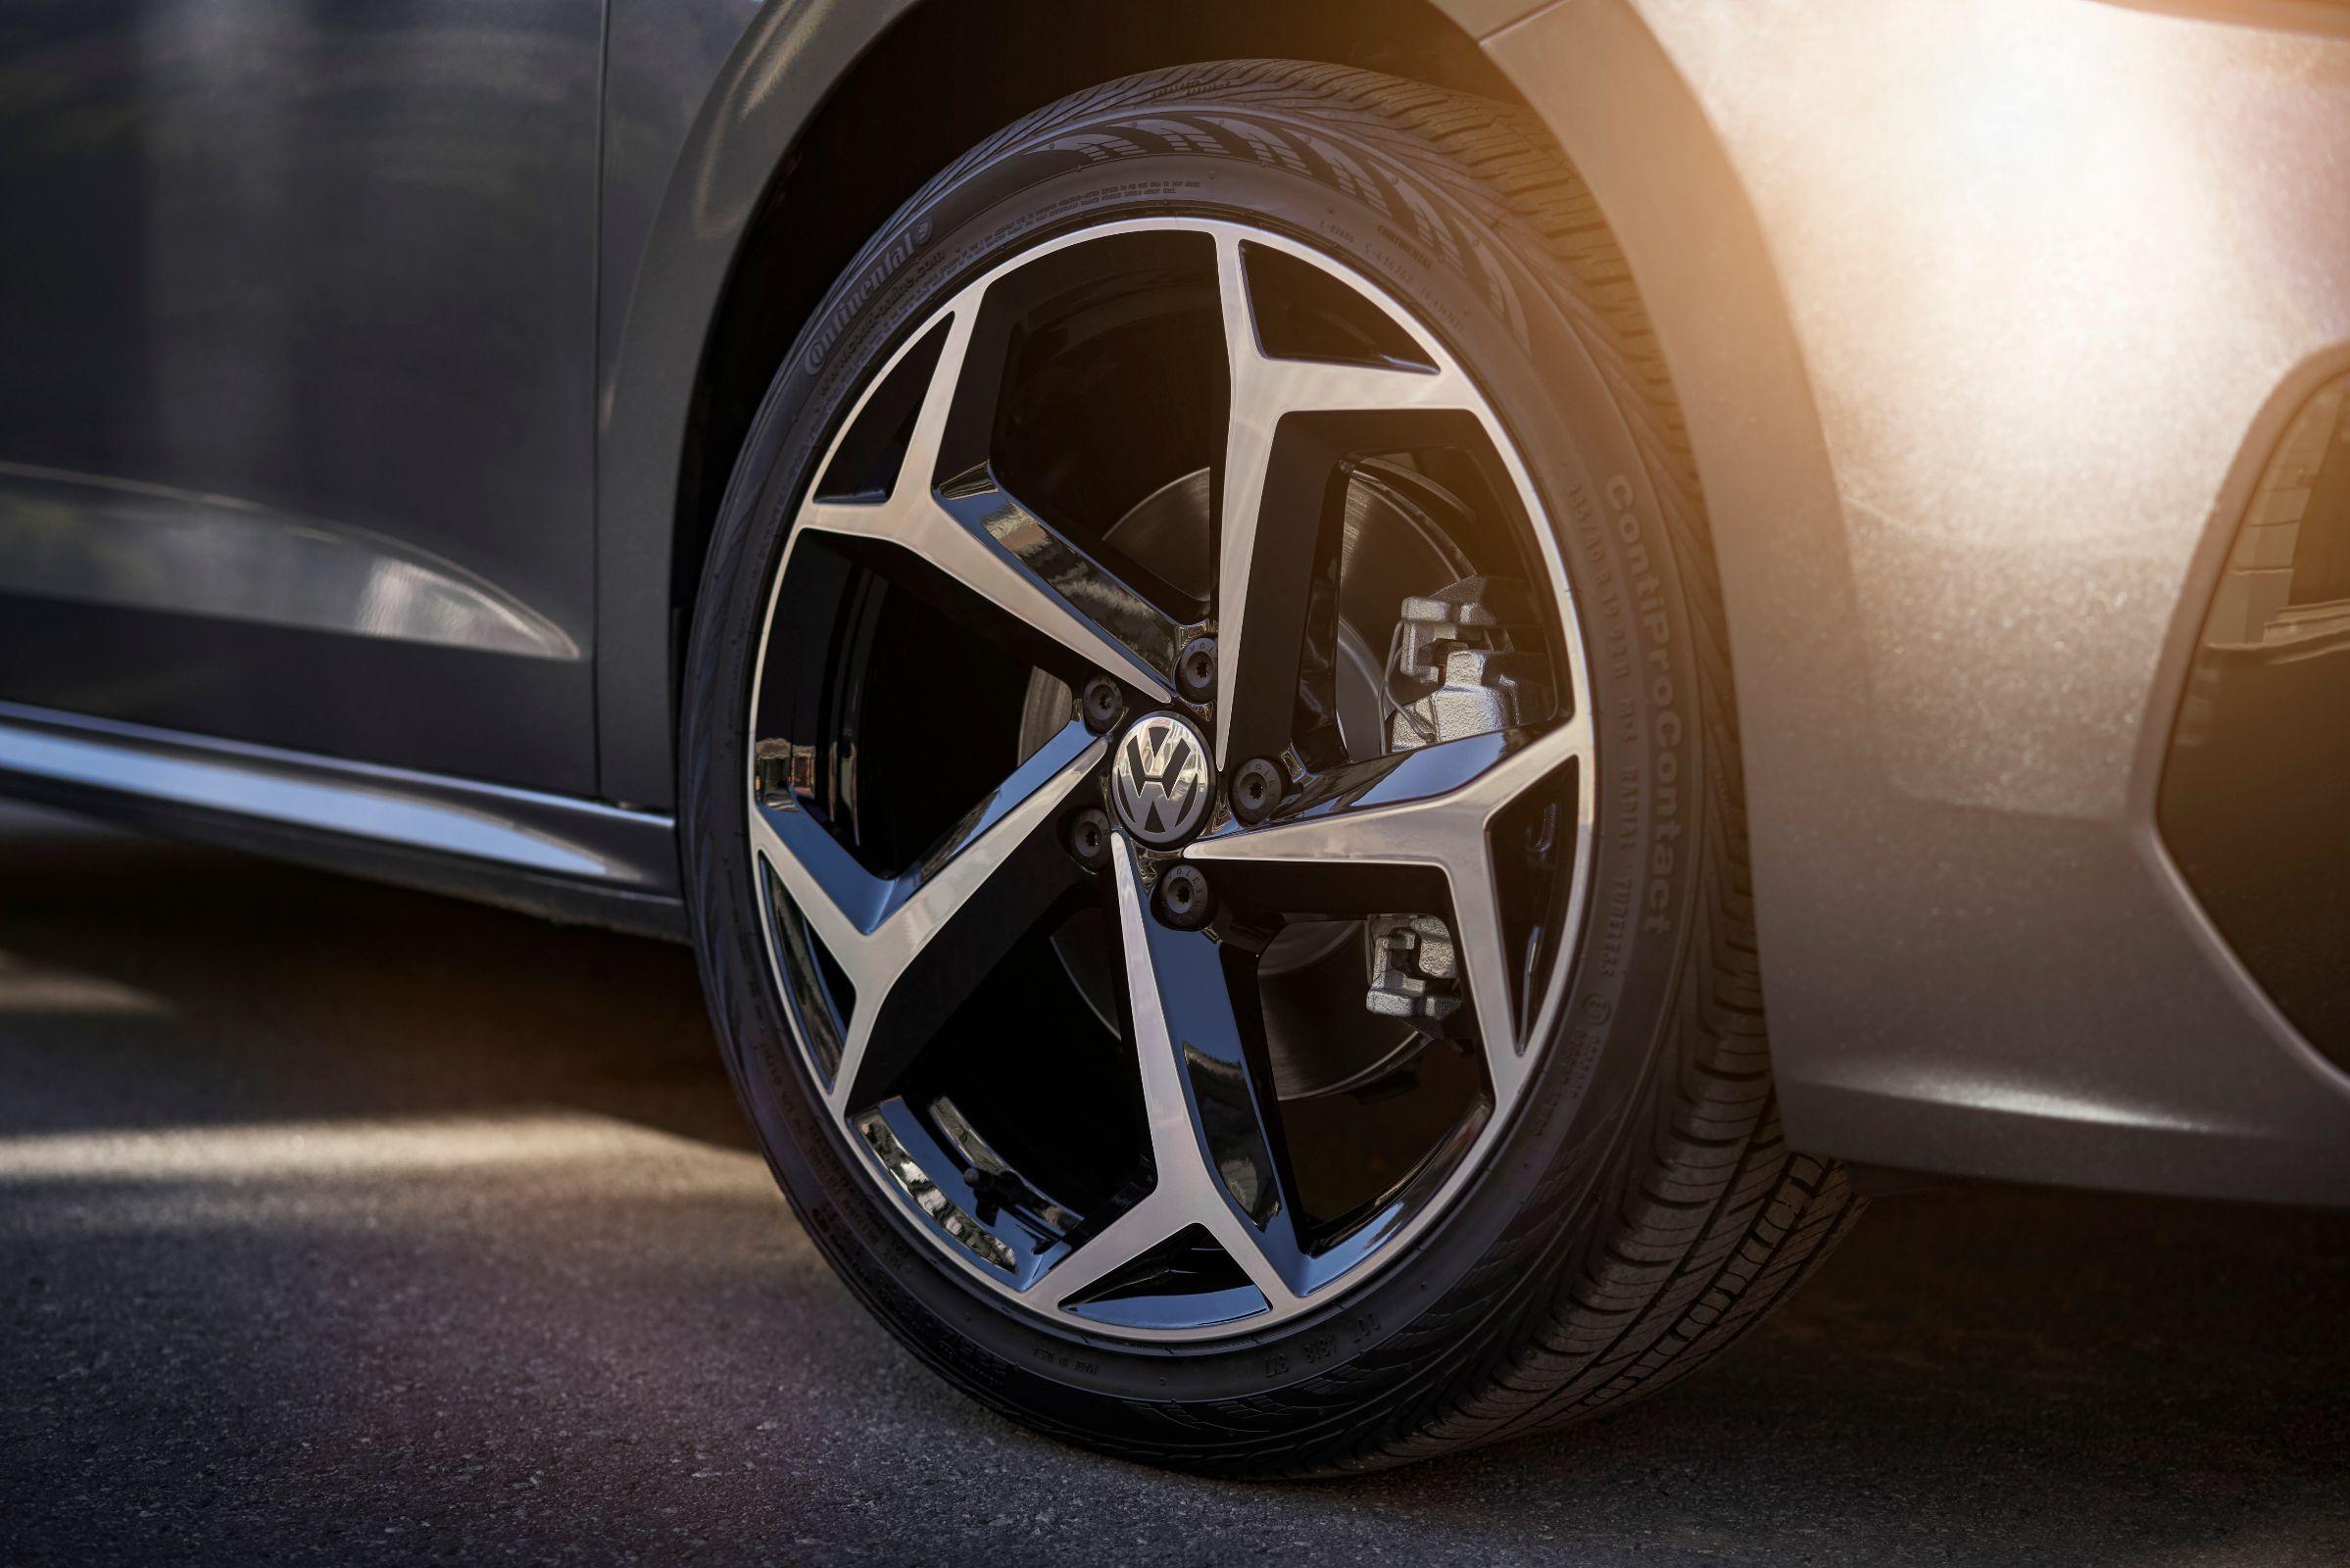 Volkswagen lança, na Europa, o Passat 2020. Modelo chega ao Brasil no ano que vem com novas tecnologias semi-autônomas e visual levemente reestilizado.